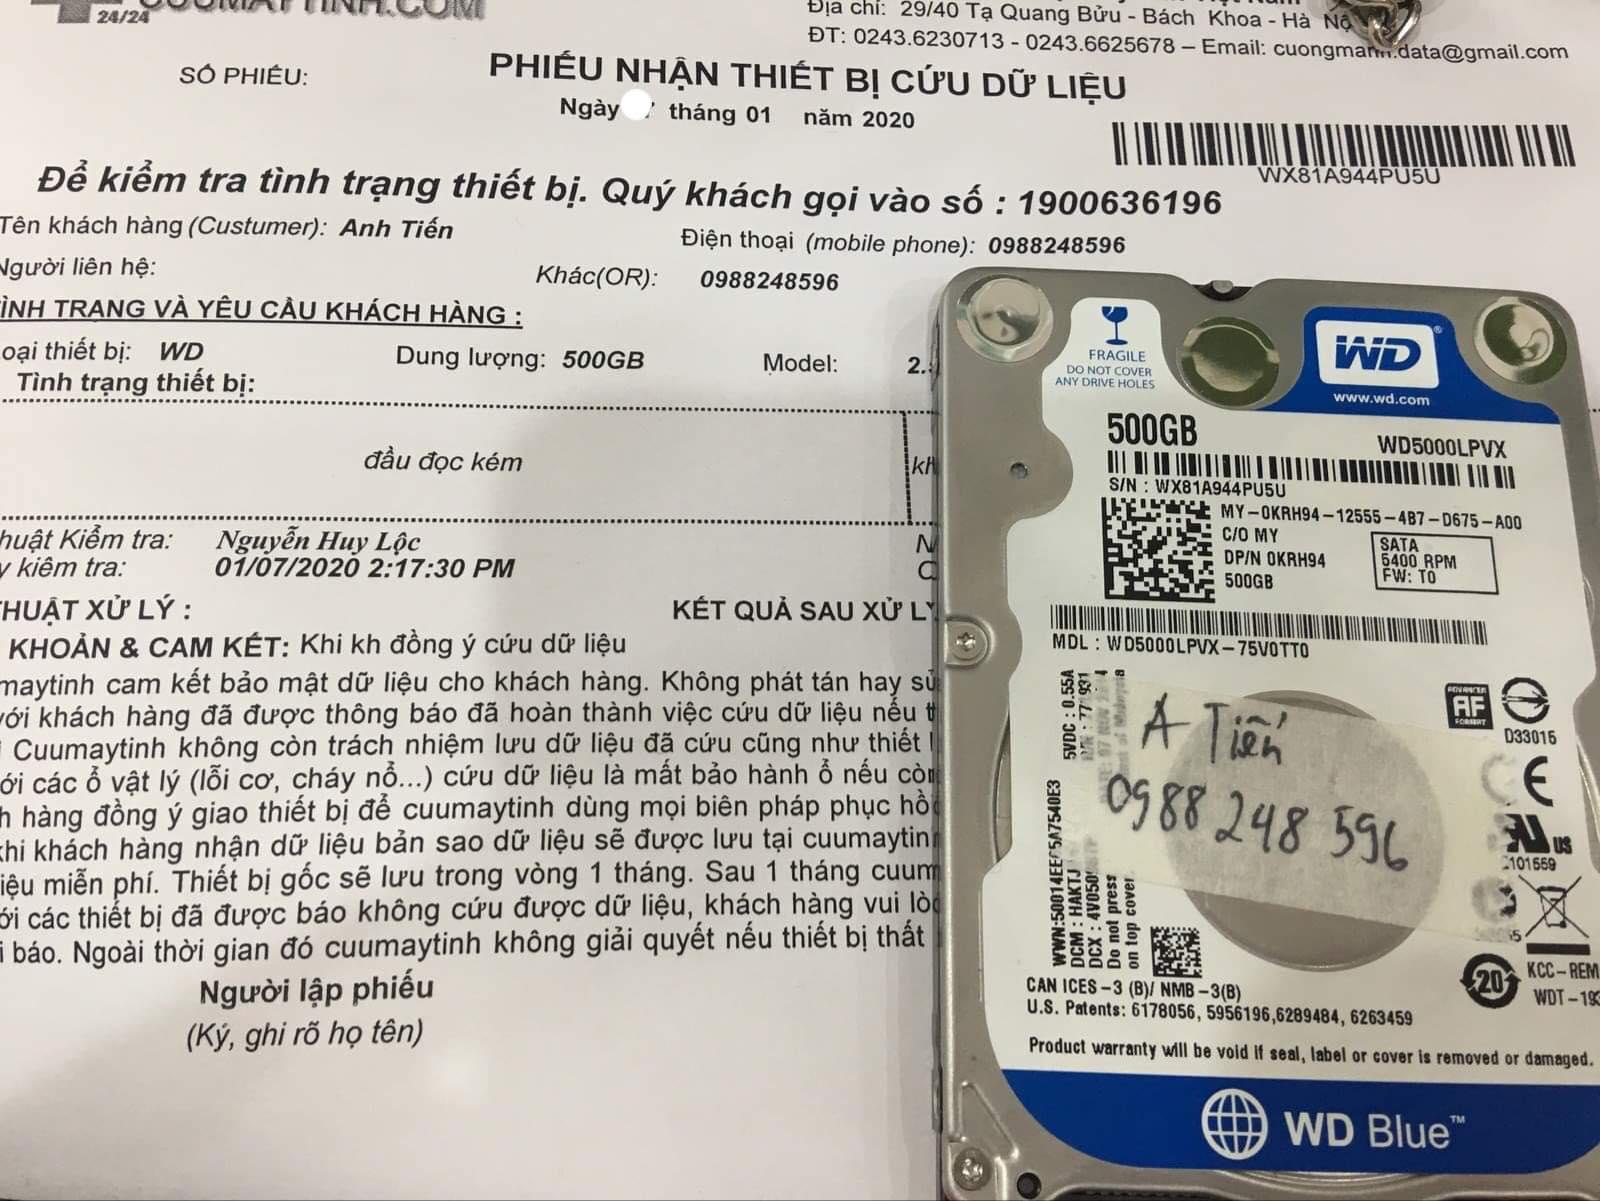 Khôi phục dữ liệu ổ cứng Western 500GB đầu đọc kém 08/01/2020 - cuumaytinh